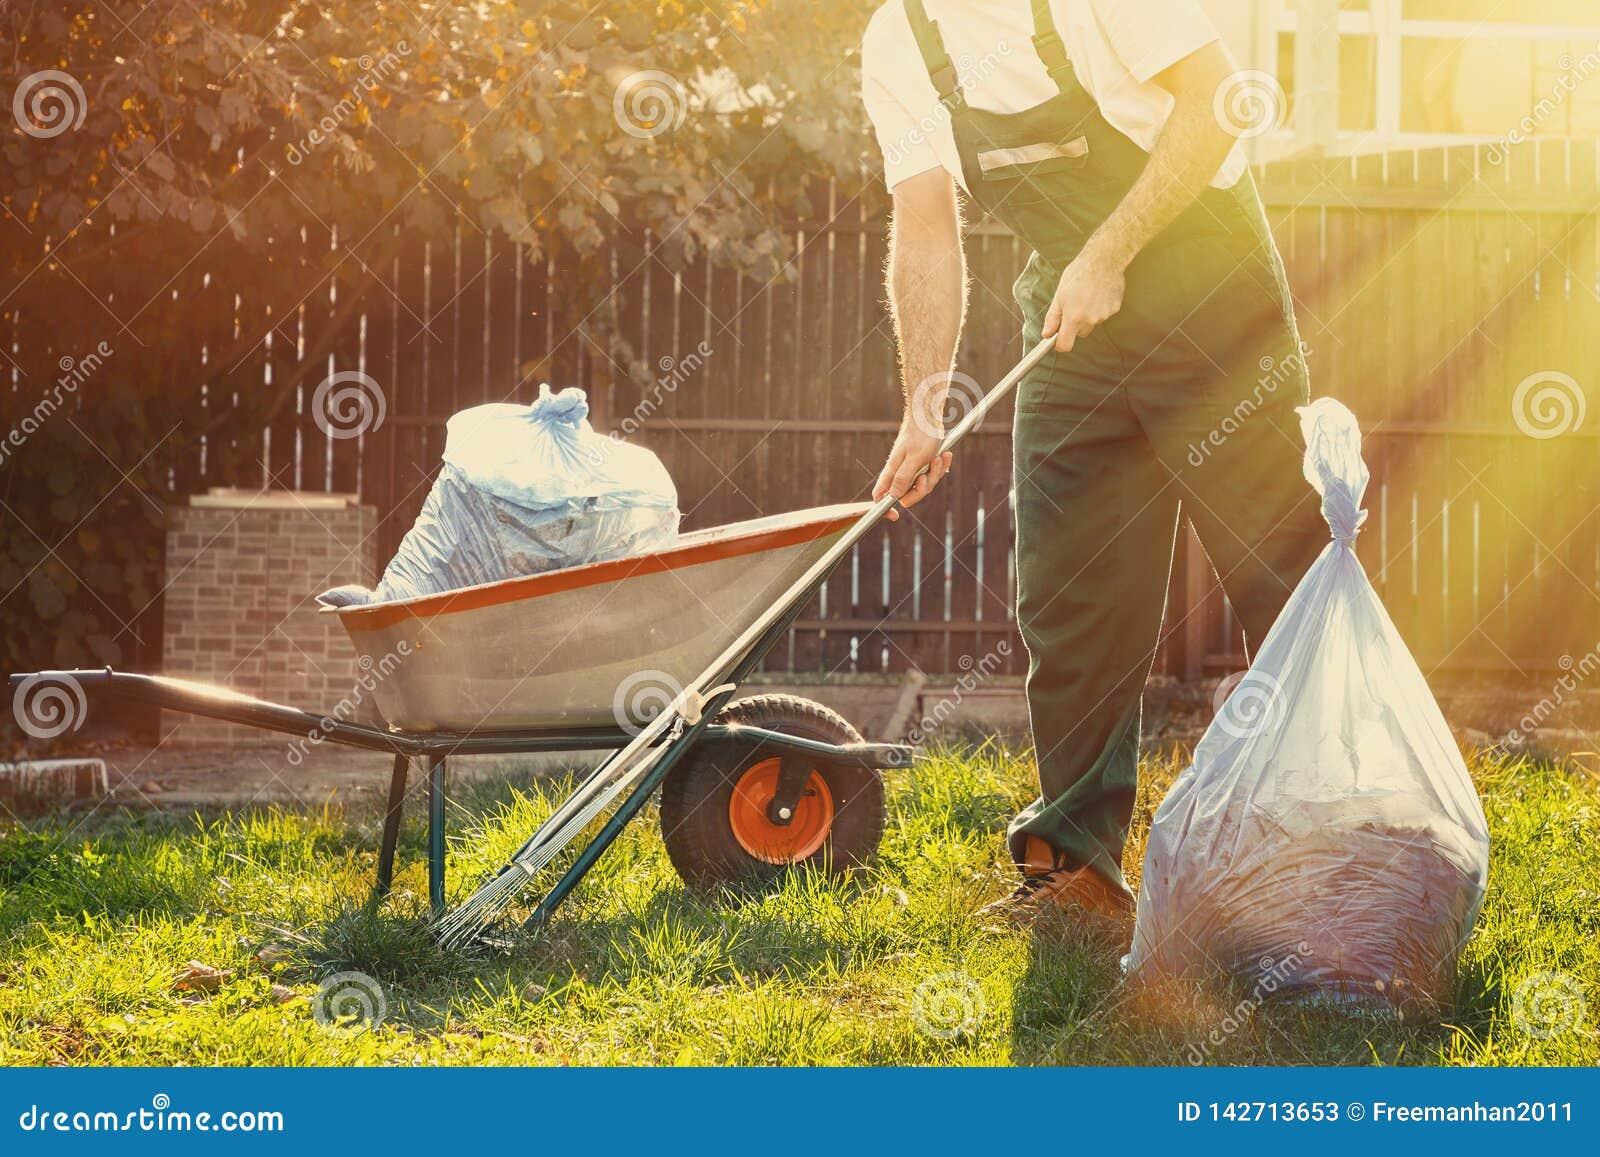 Le jardinier nettoie des feuilles dans la cour Près de lui est un chariot avec le compost que le soleil brille brillamment